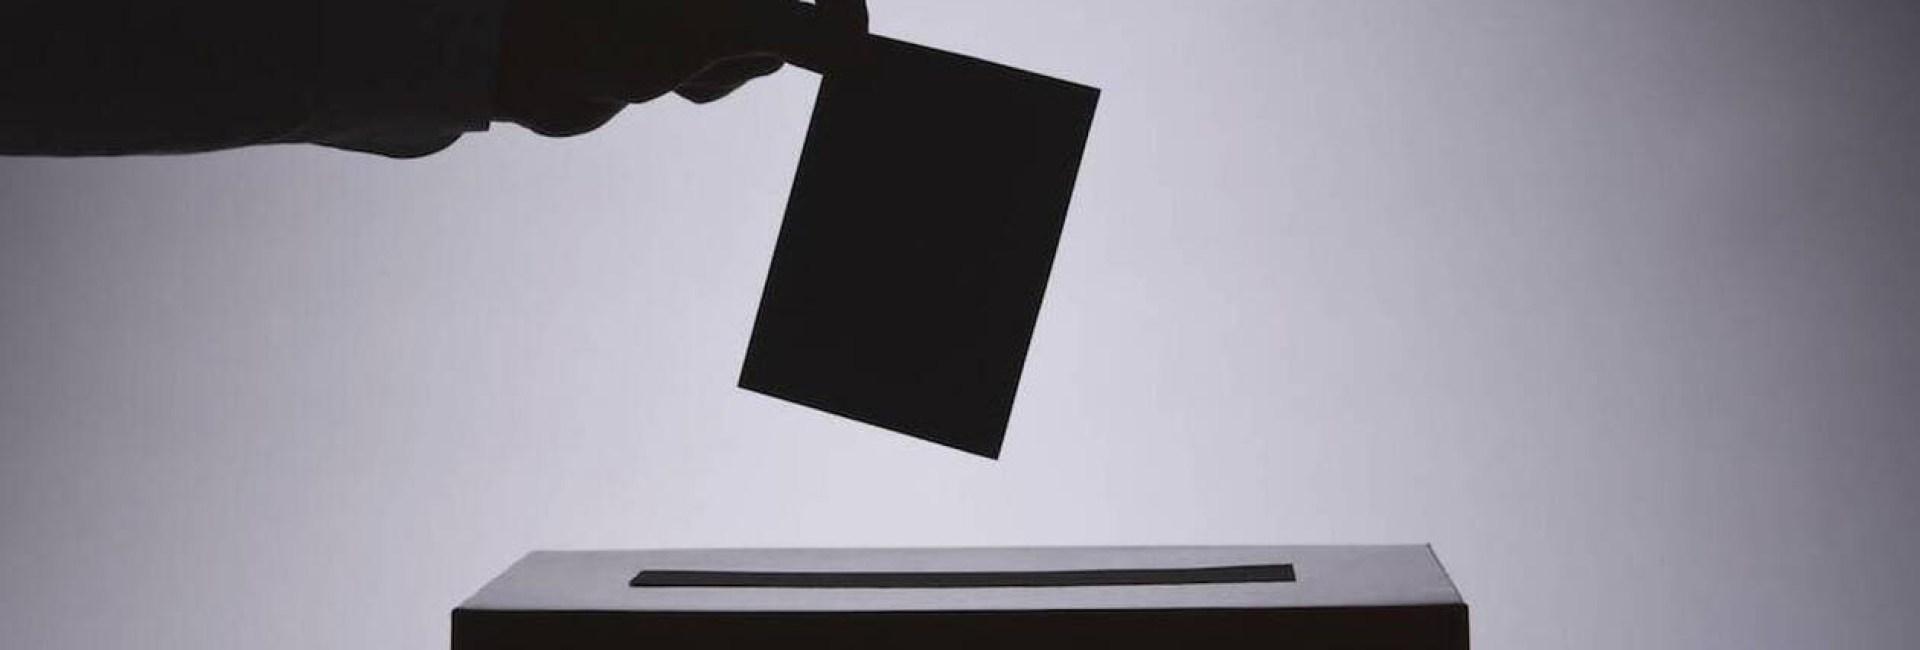 Κατρούγκαλος: Αλήθειες και ψέματα για τον νόμο της ψήφου των αποδήμων